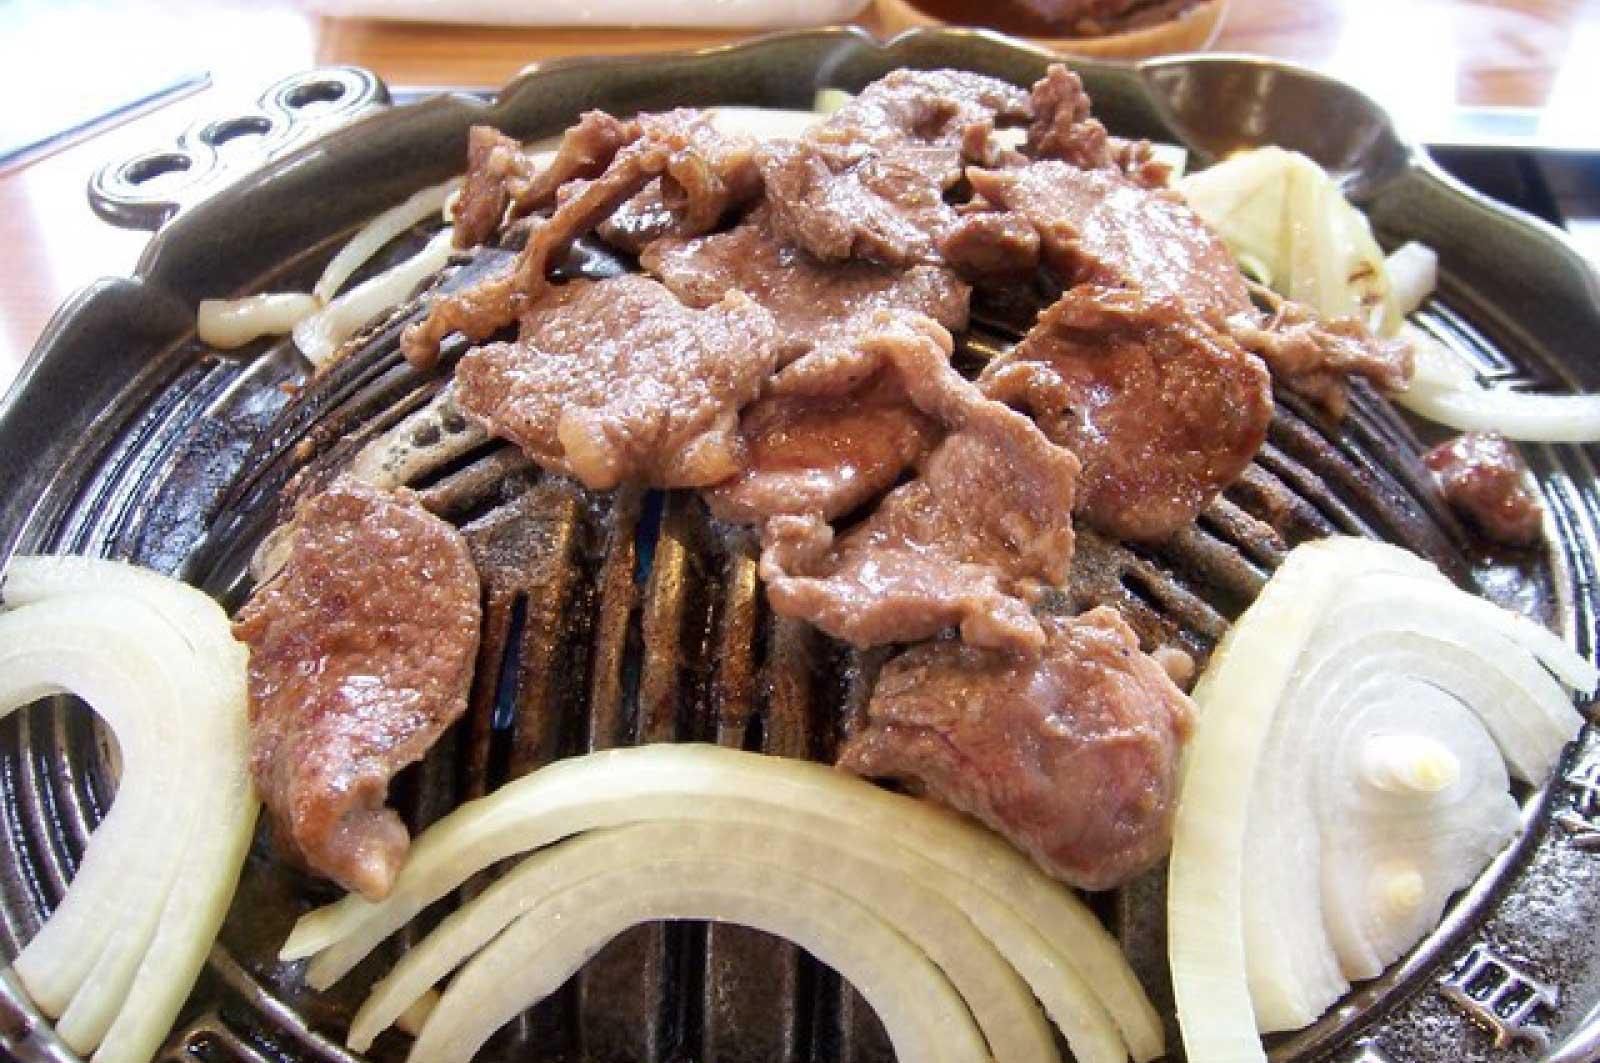 ちょっと特殊な鉄板で肉と野菜を焼いて食べる